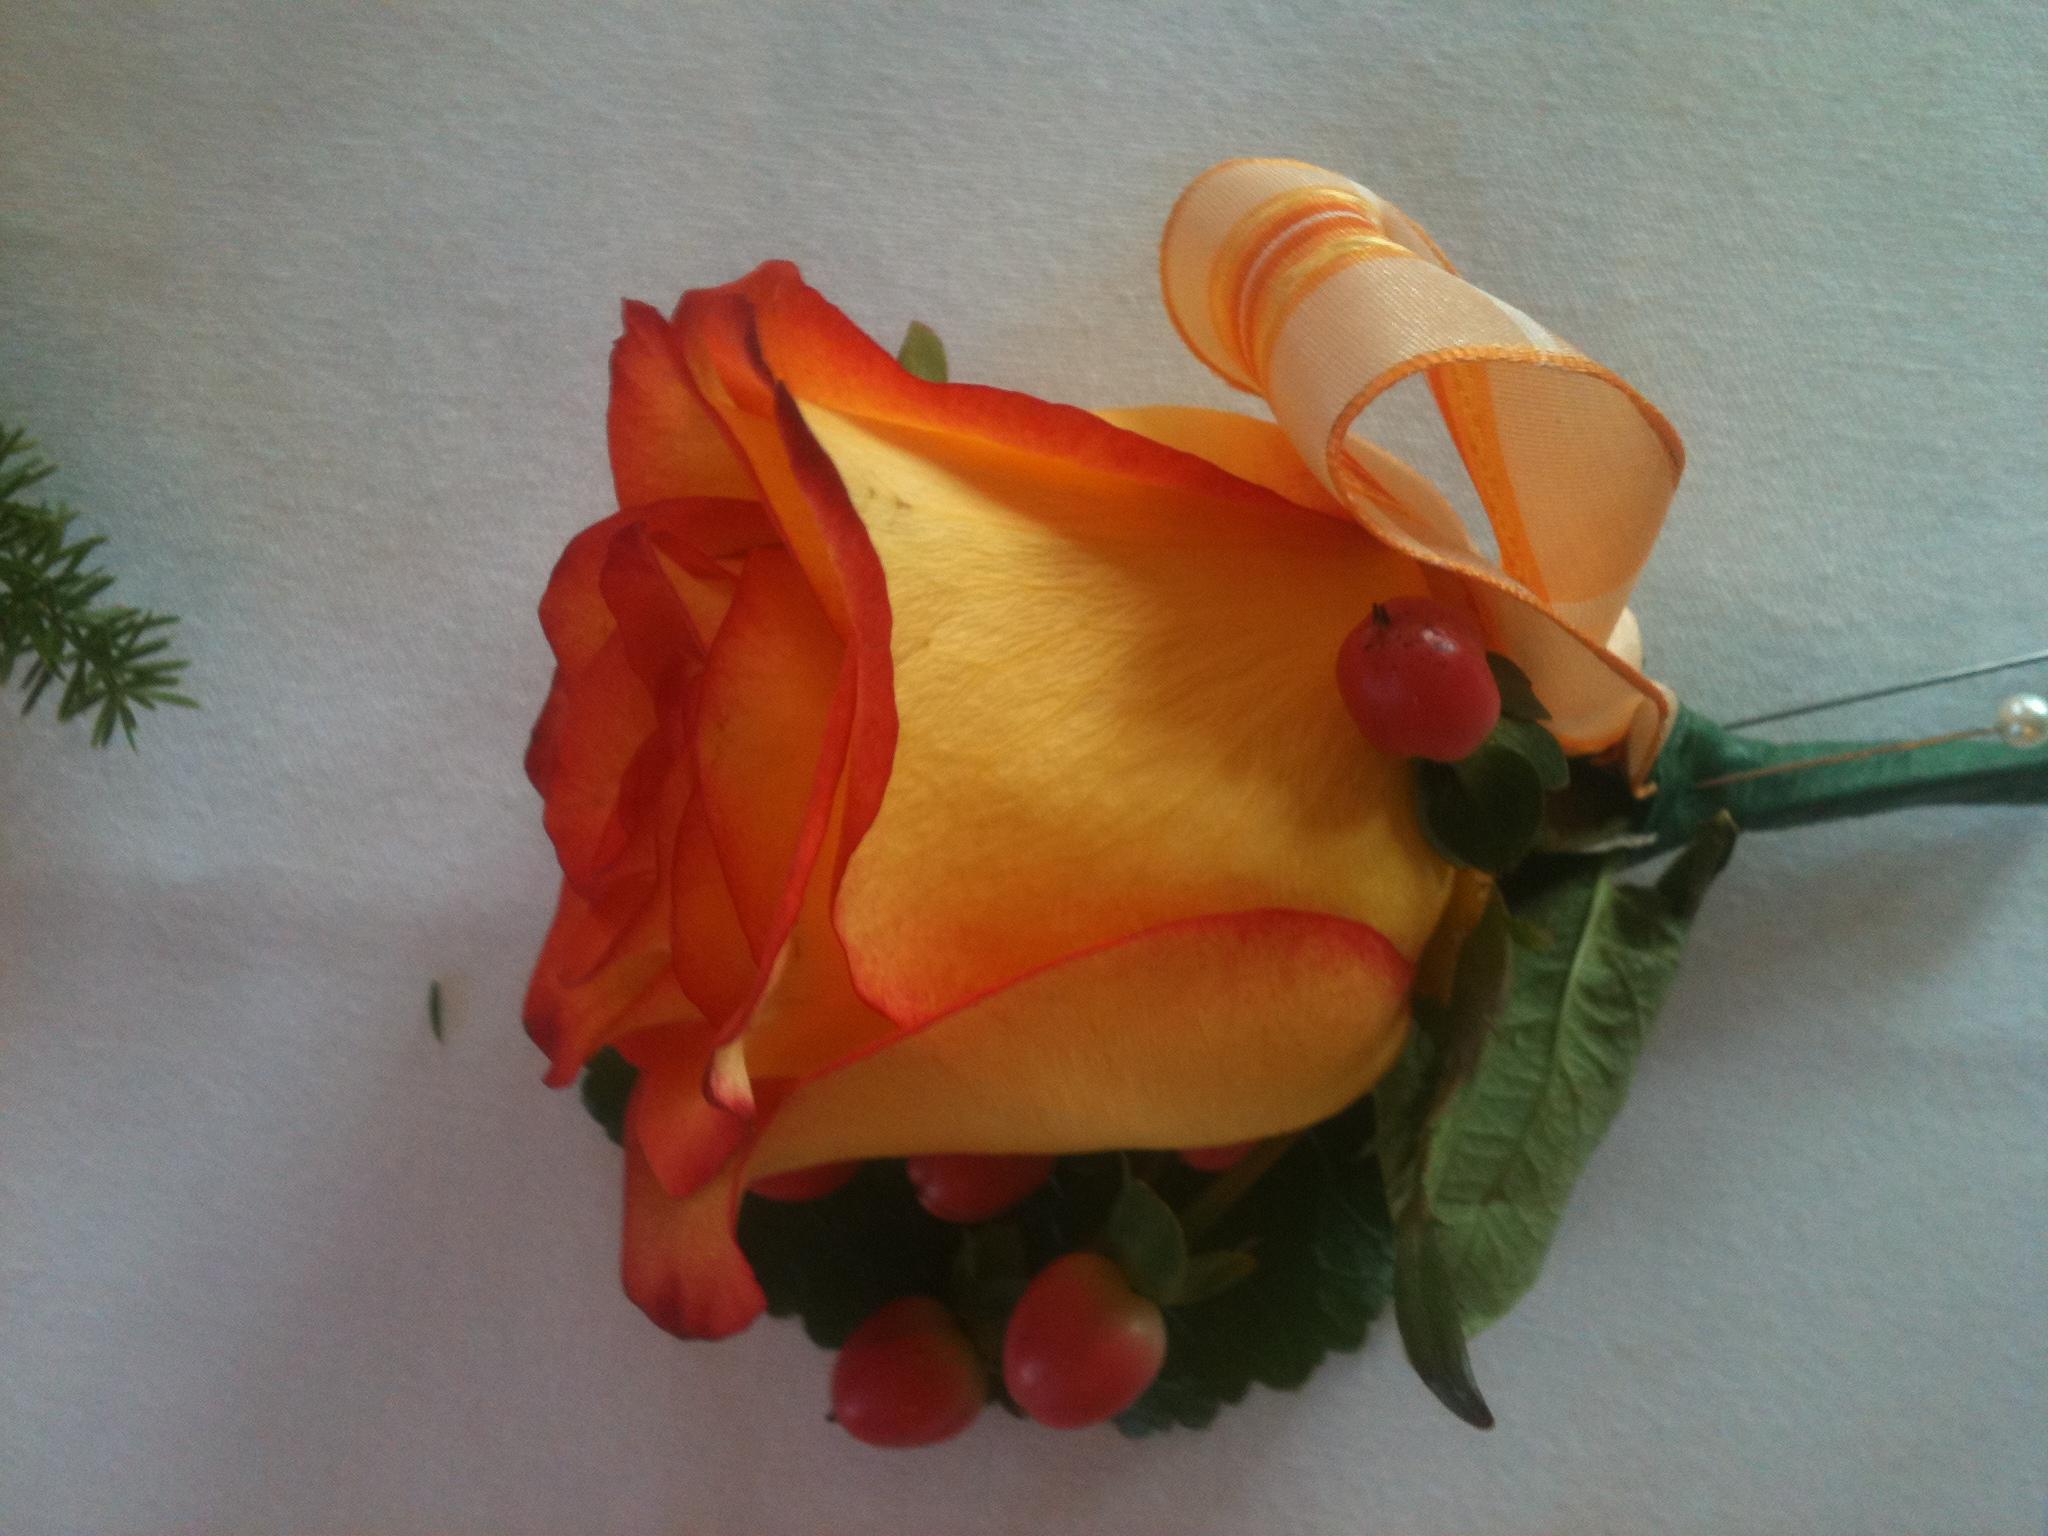 Basket Delights Florist & Gifts, Gallipolis OH